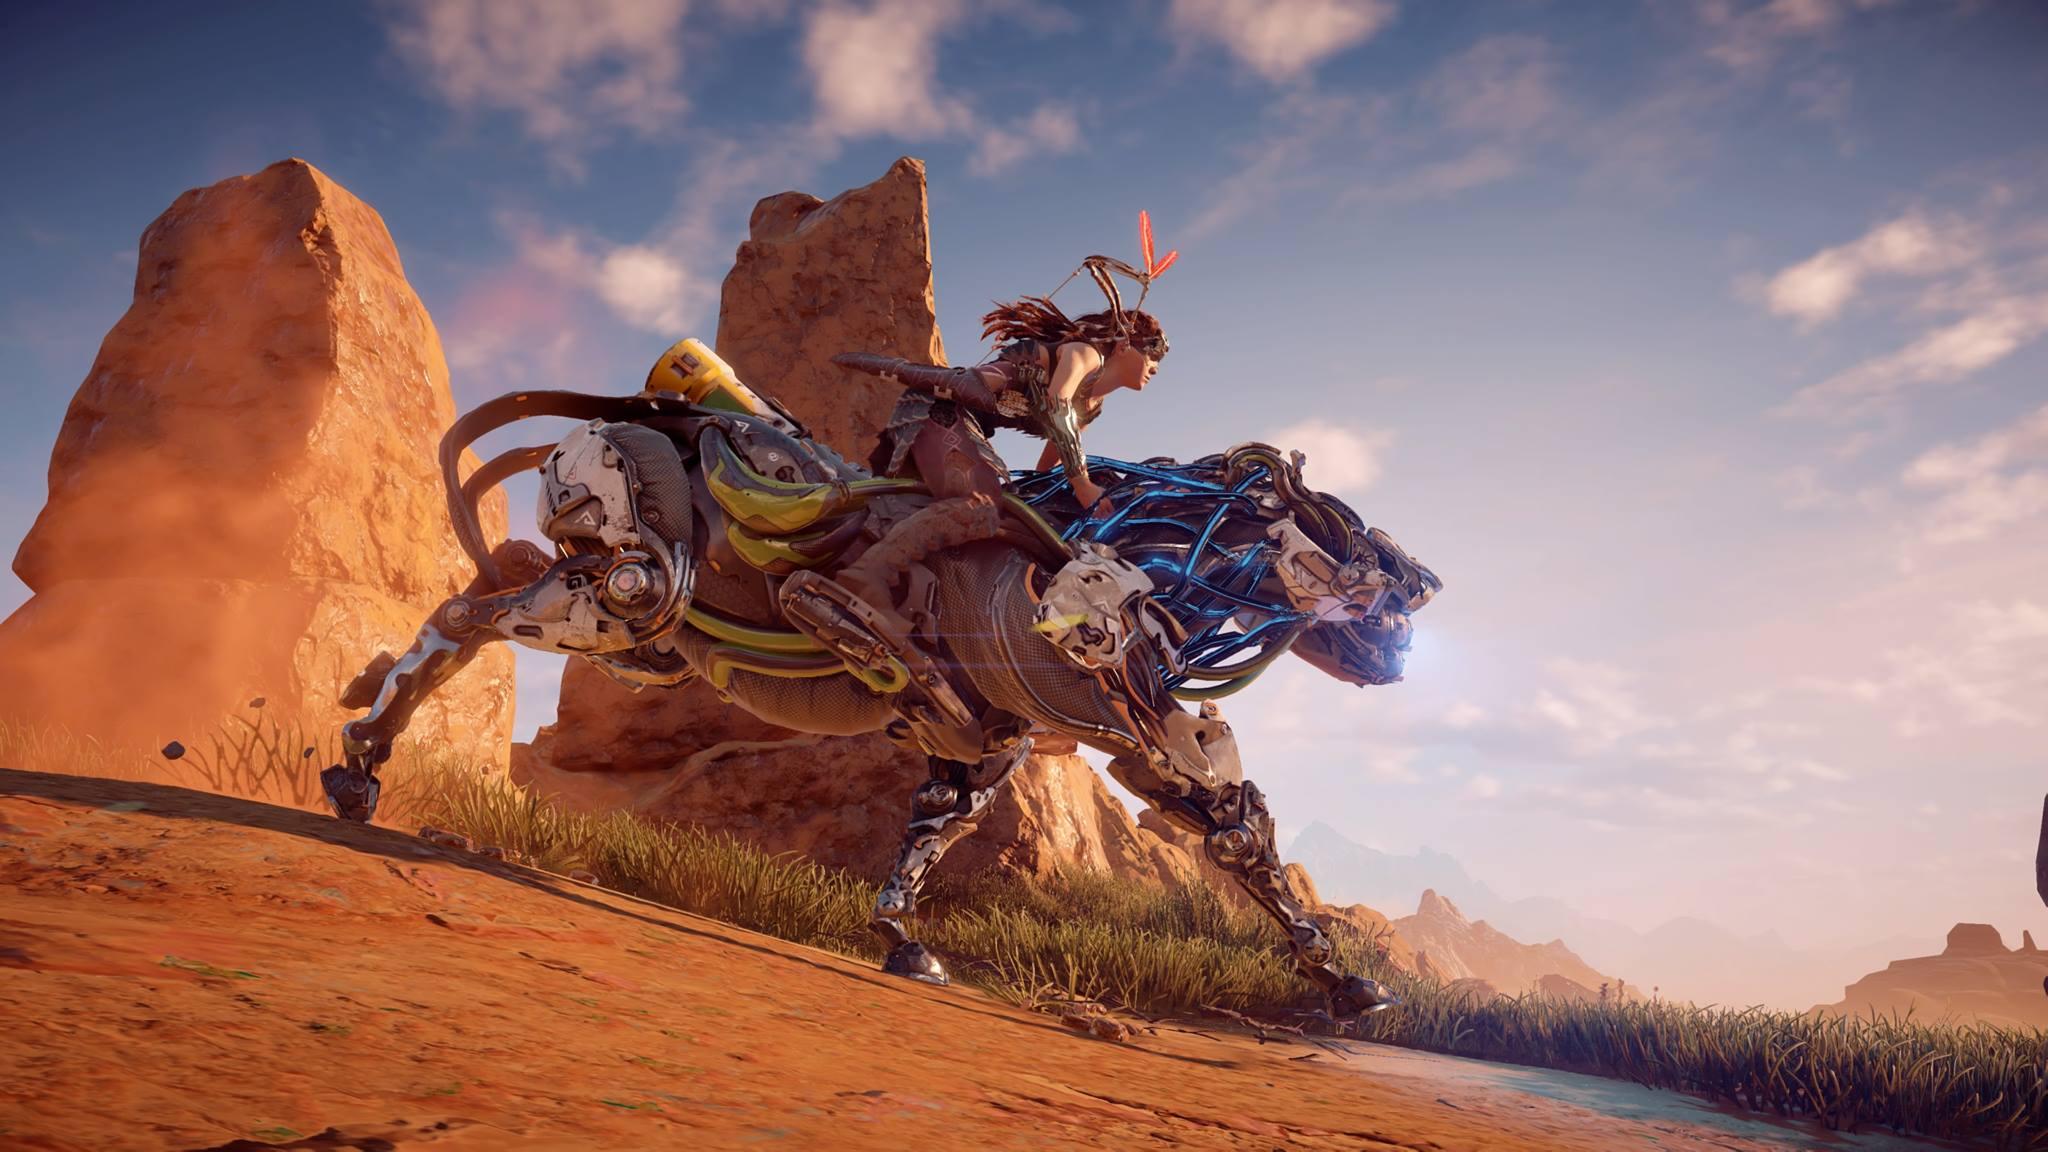 Aloy riding a Strider: robo-horse.